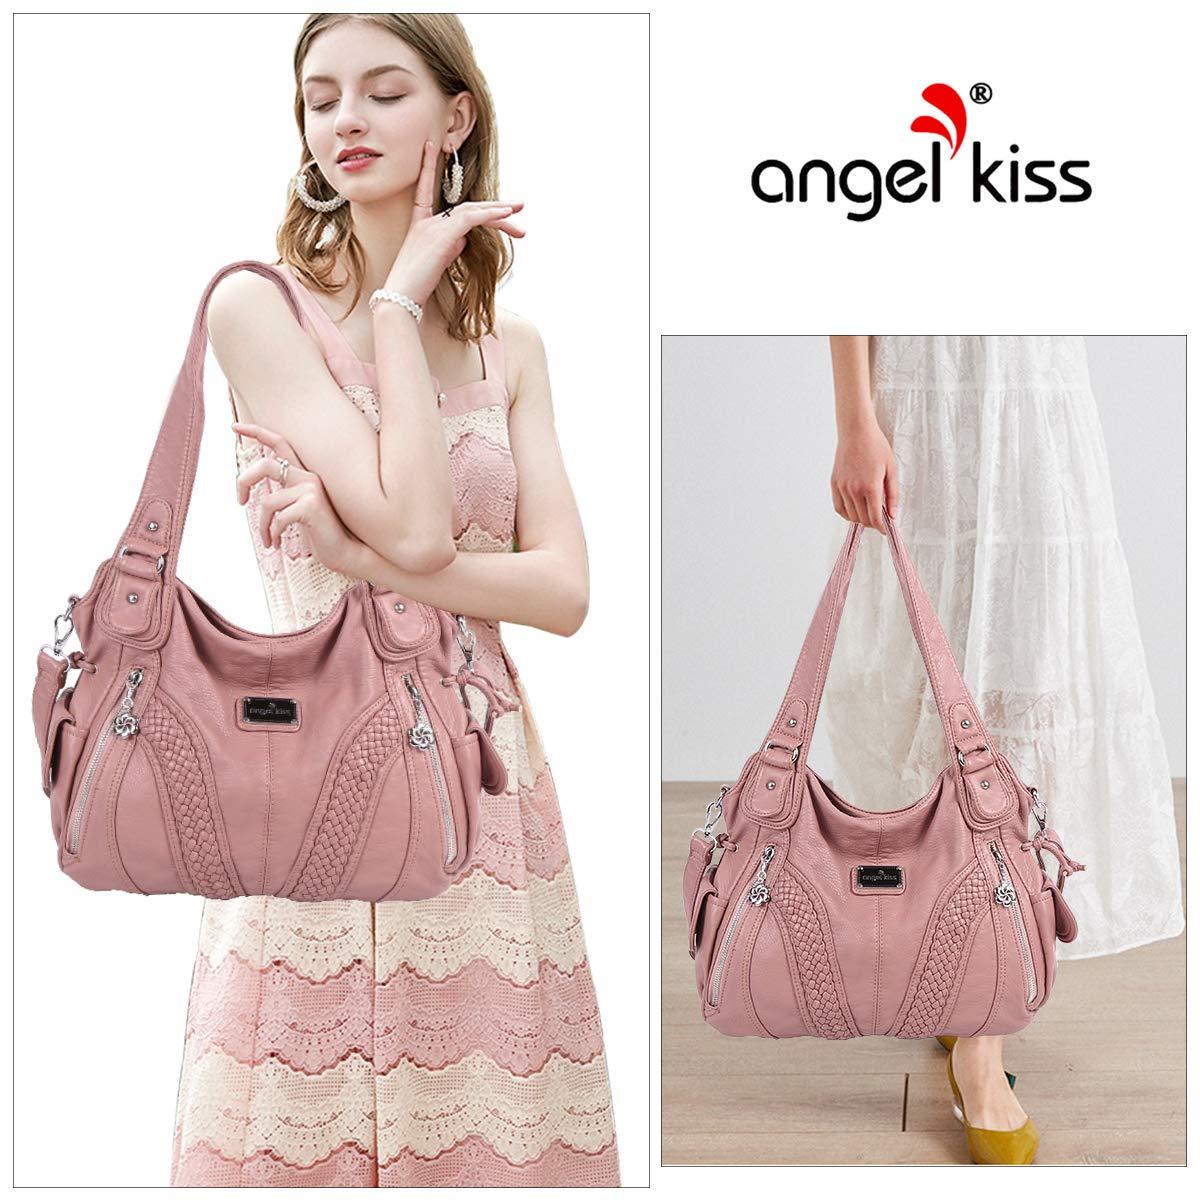 angel kiss Hobo Tasche Schultertaschen Handtaschen Umhängetaschen Henkeltaschen Fredsbruder Taschen Damen Weiches Leder Violett 1555-rosa